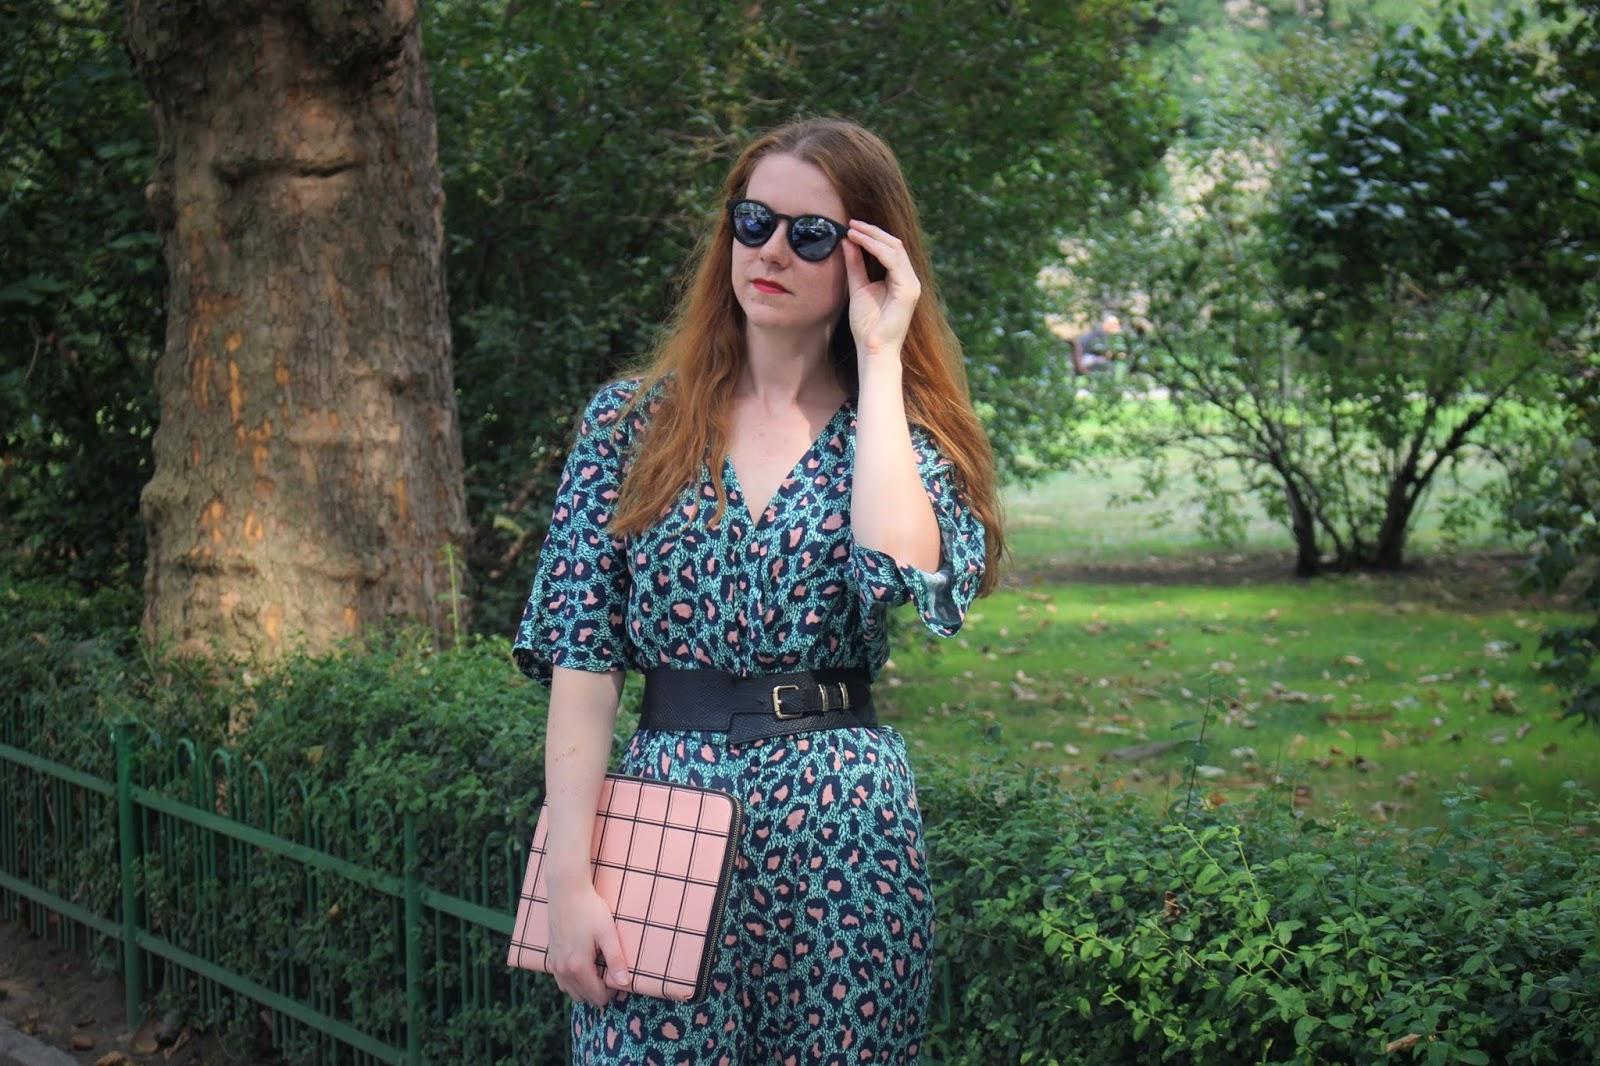 optiscont brýle, sluneční brýle Polaroid, česká blogerka, czech blogger